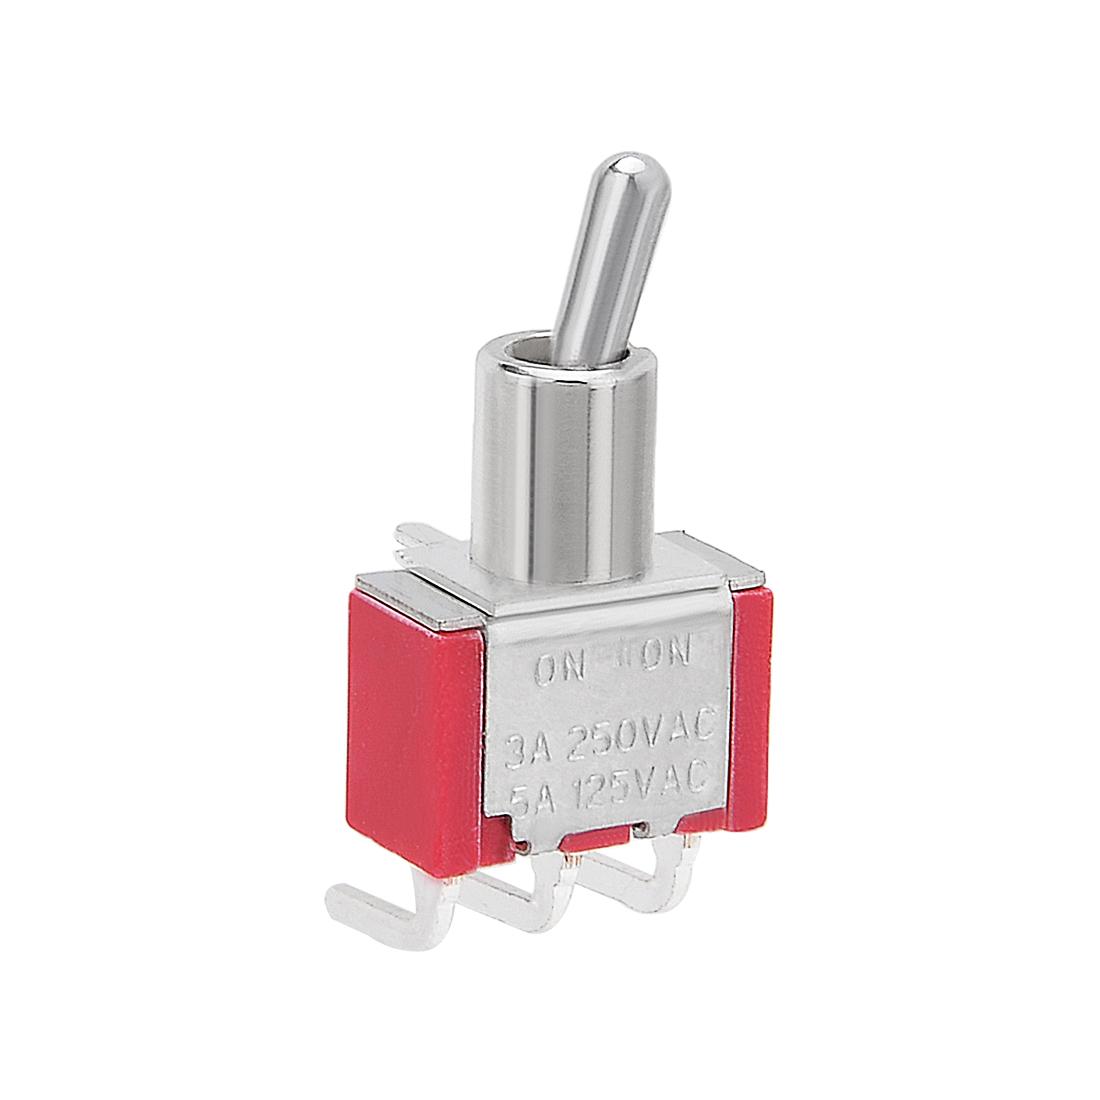 AC 250V/3A 125V/5A ON/ON SPDT interrupteur à bascule ton argent bornes angle droit - image 4 de 4